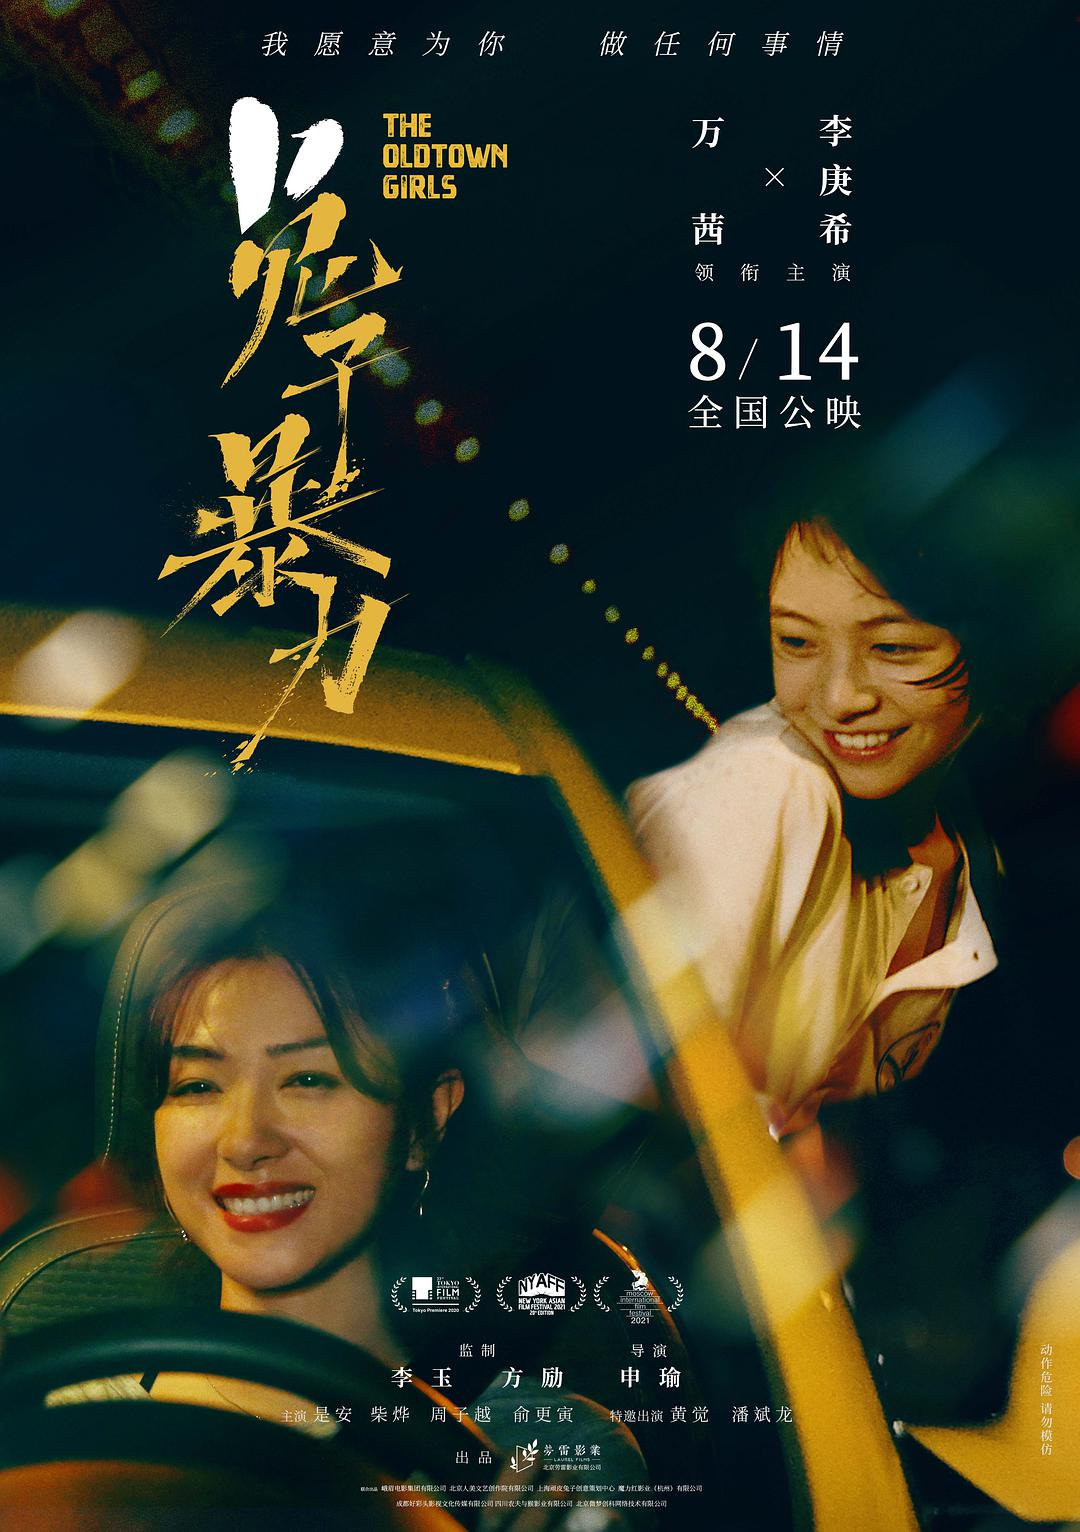 悠悠MP4_MP4电影下载_[兔子暴力][WEB-MKV/5.17GB][国语配音/中文字幕][4K-2160P][H265编码][女性,犯罪,文艺,剧情,成长,悬疑,中国大陆